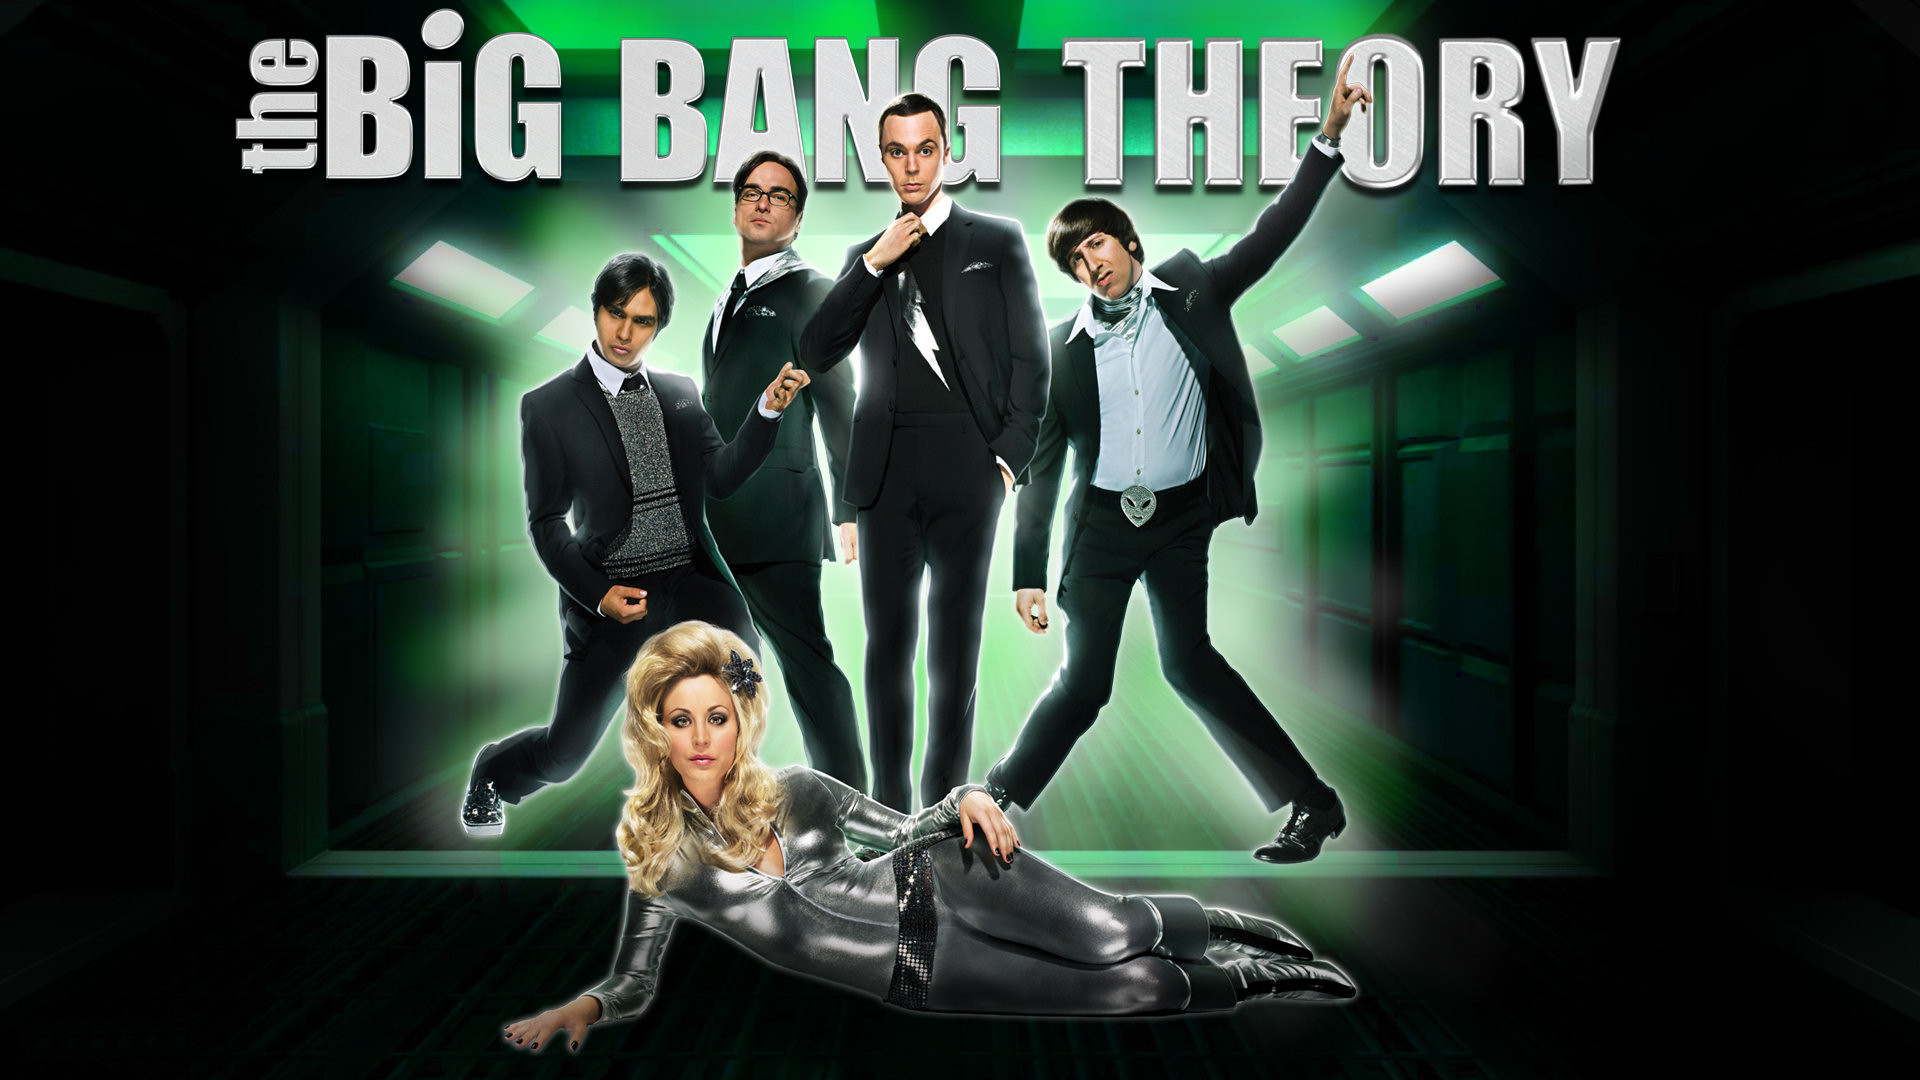 The Big Bang Theory Screensaver